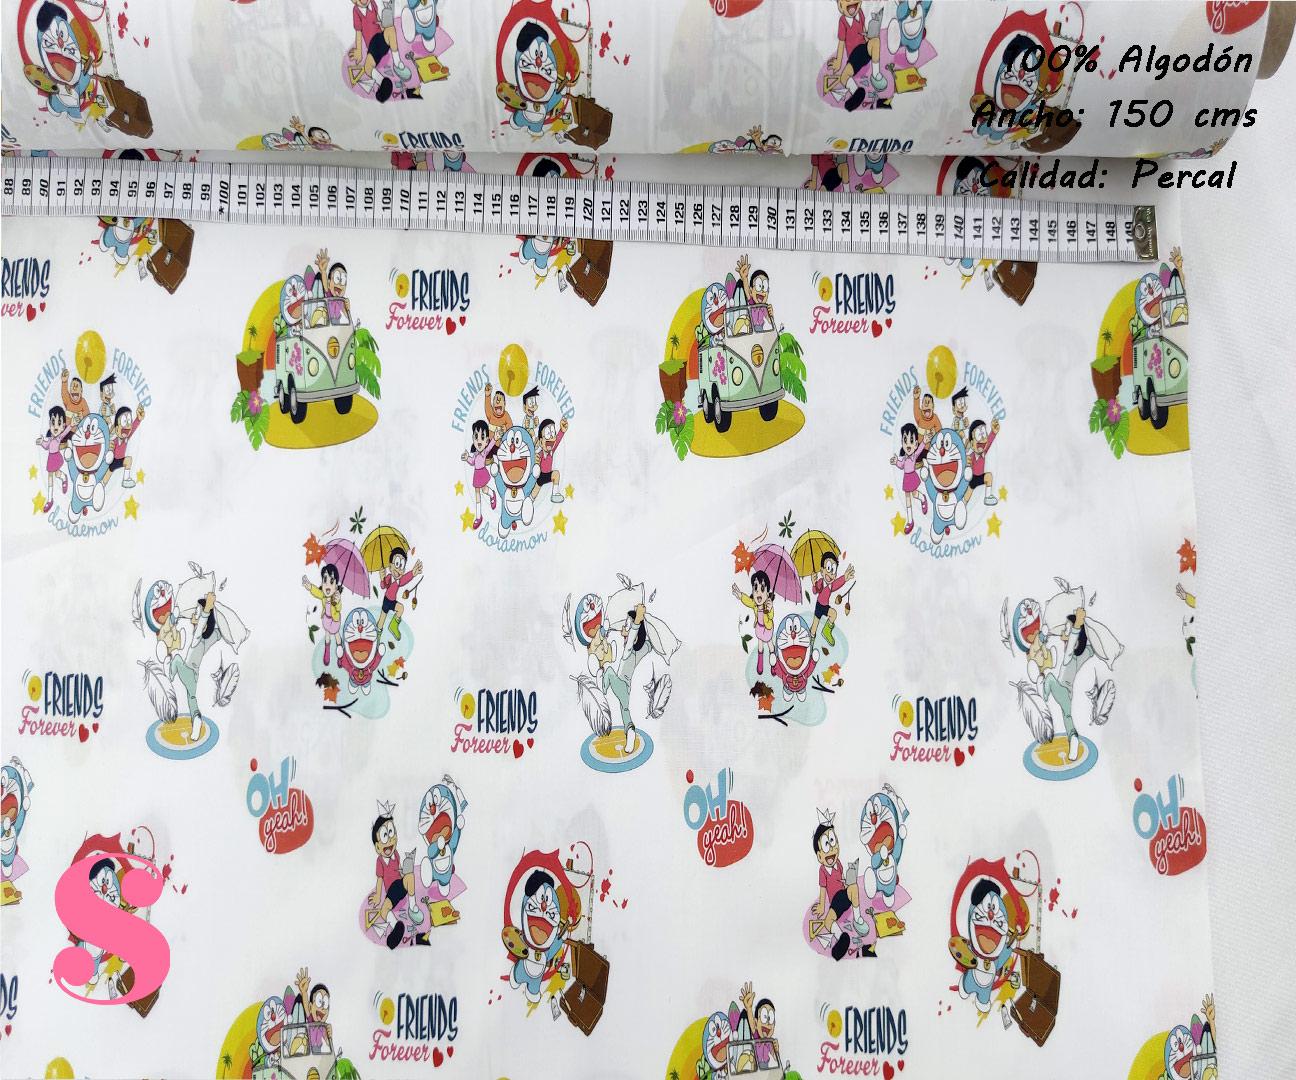 L79-doraemon-personajes-friki--tejidos-algodón-estampado-percal,Tejido Estampado Doraemon Friends Forever